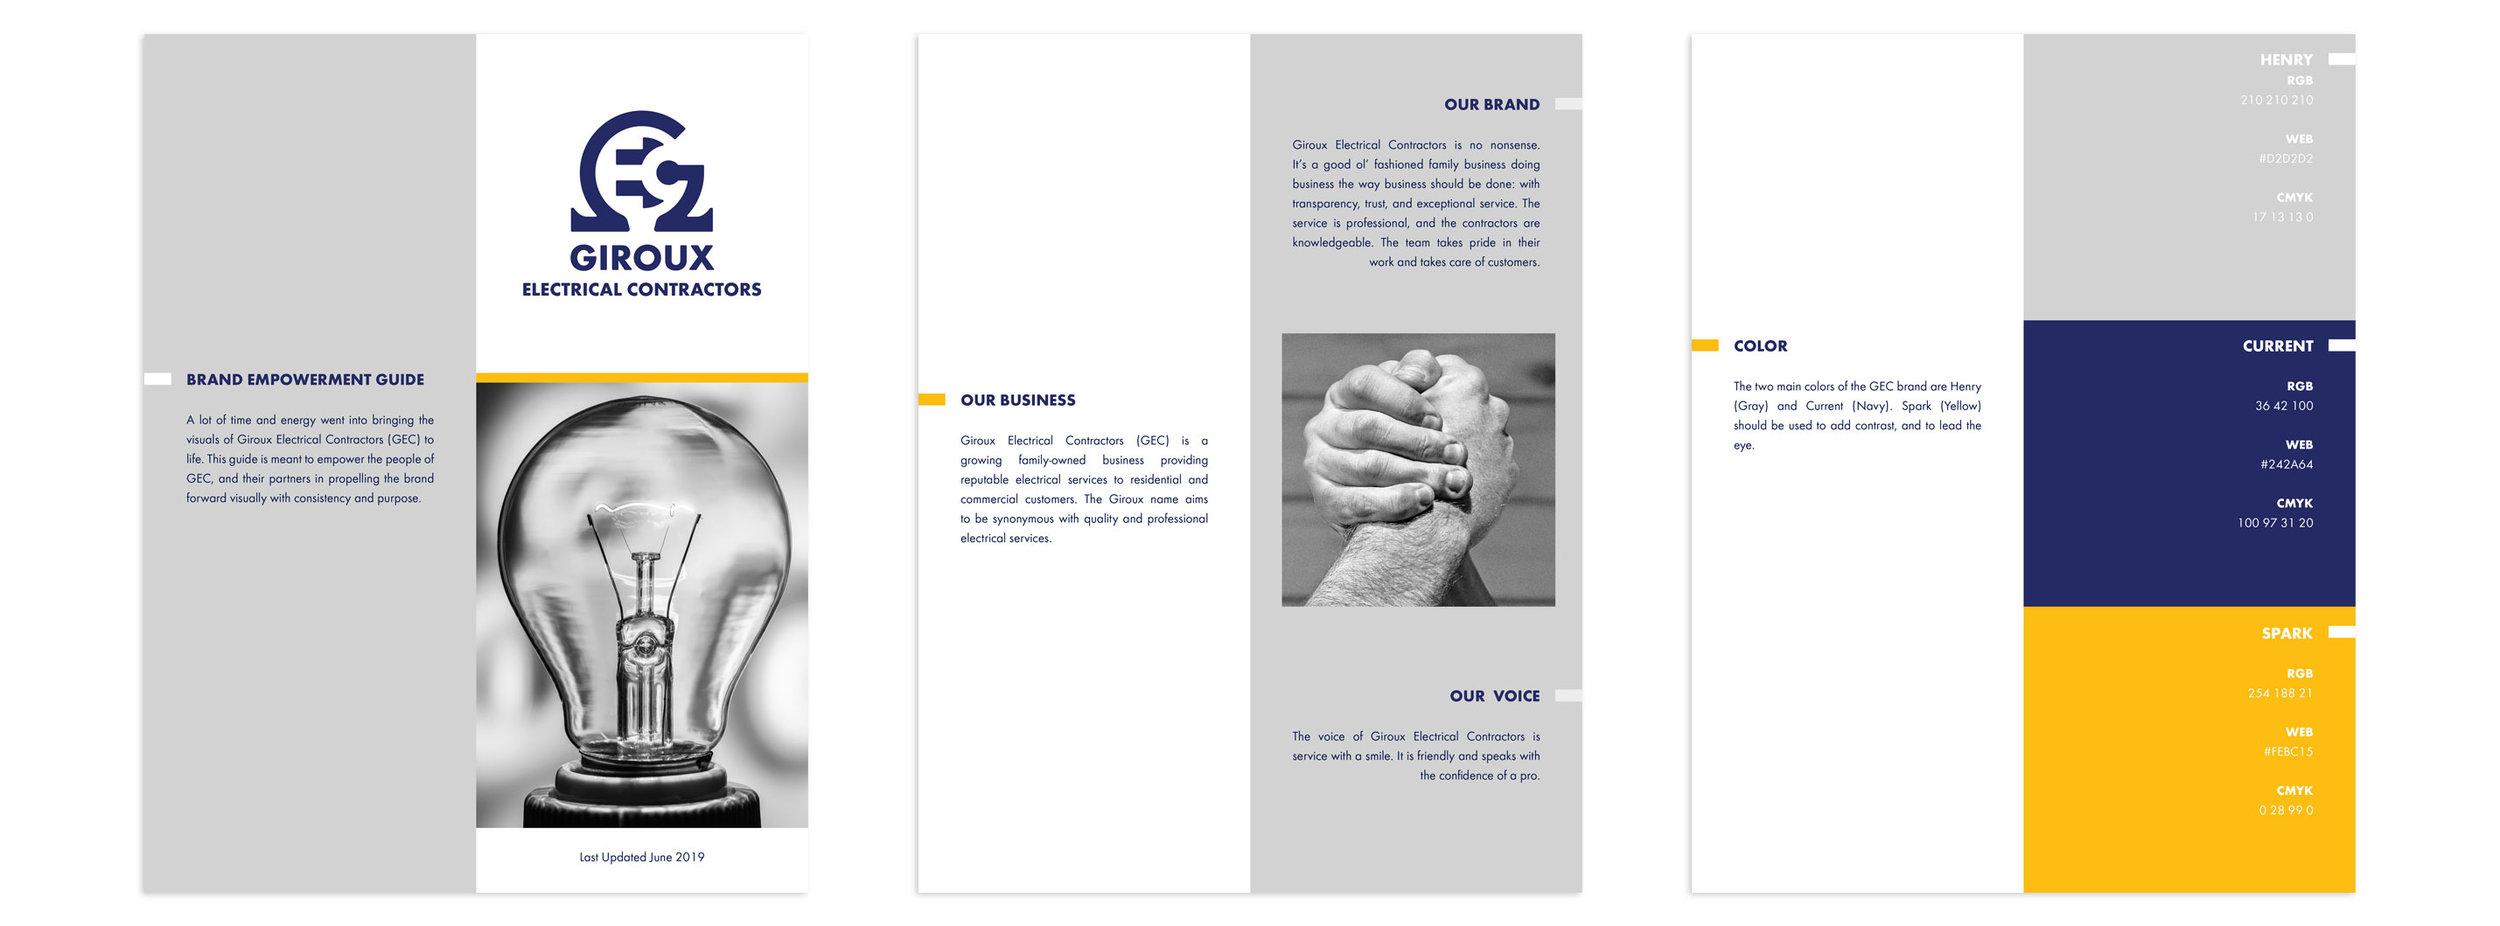 Studio-Eighty-Seven-Giroux-Electrical-Contractors_GEC-Brand-Guidelines.jpg